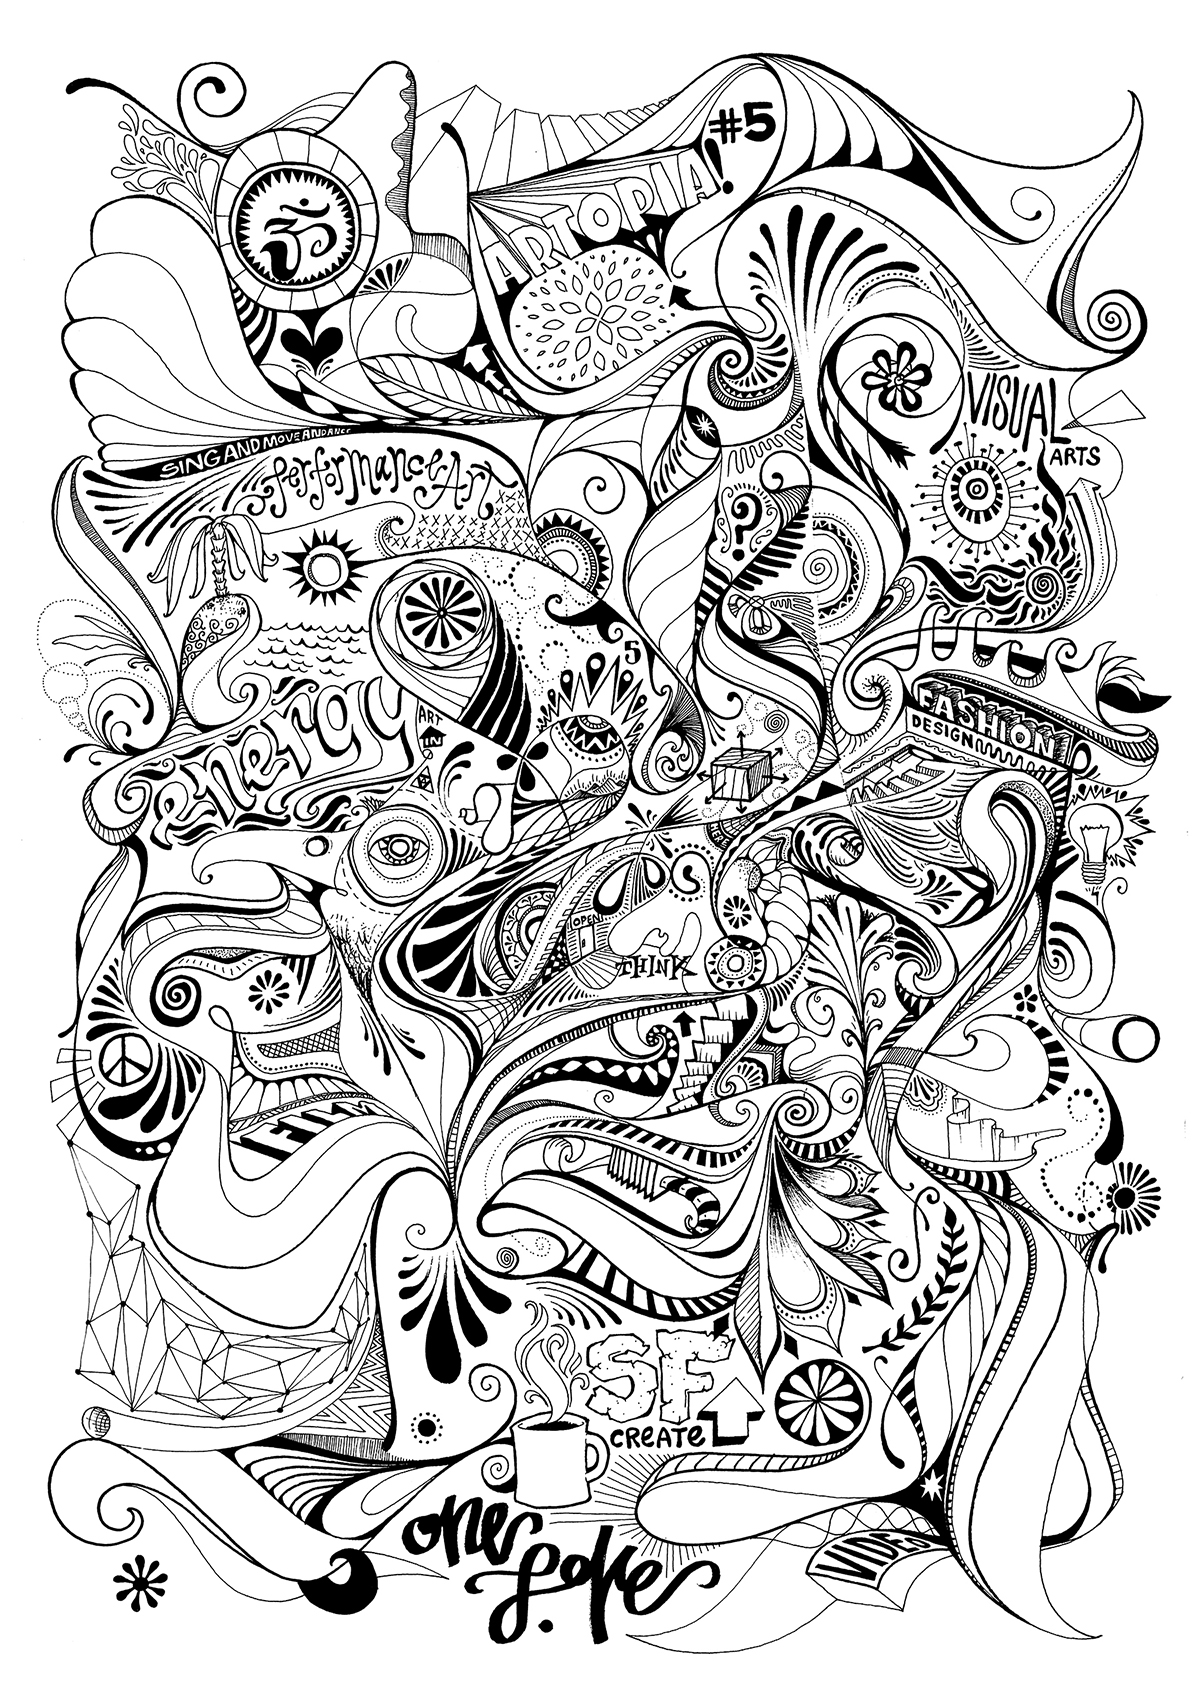 drawing_flowbased_artopia.jpg